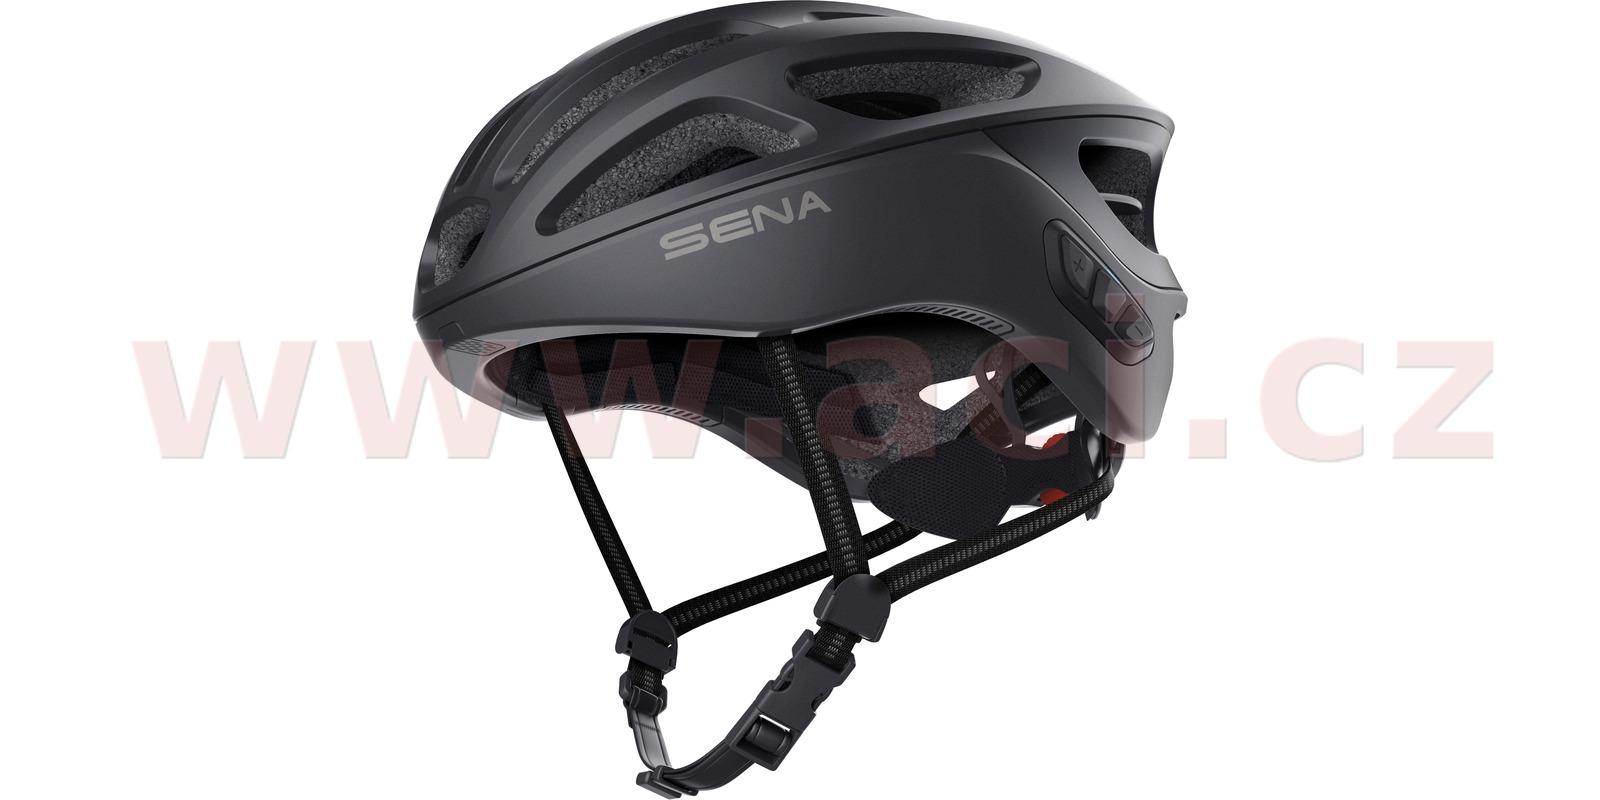 cyklo přilba R1, SENA (černá)